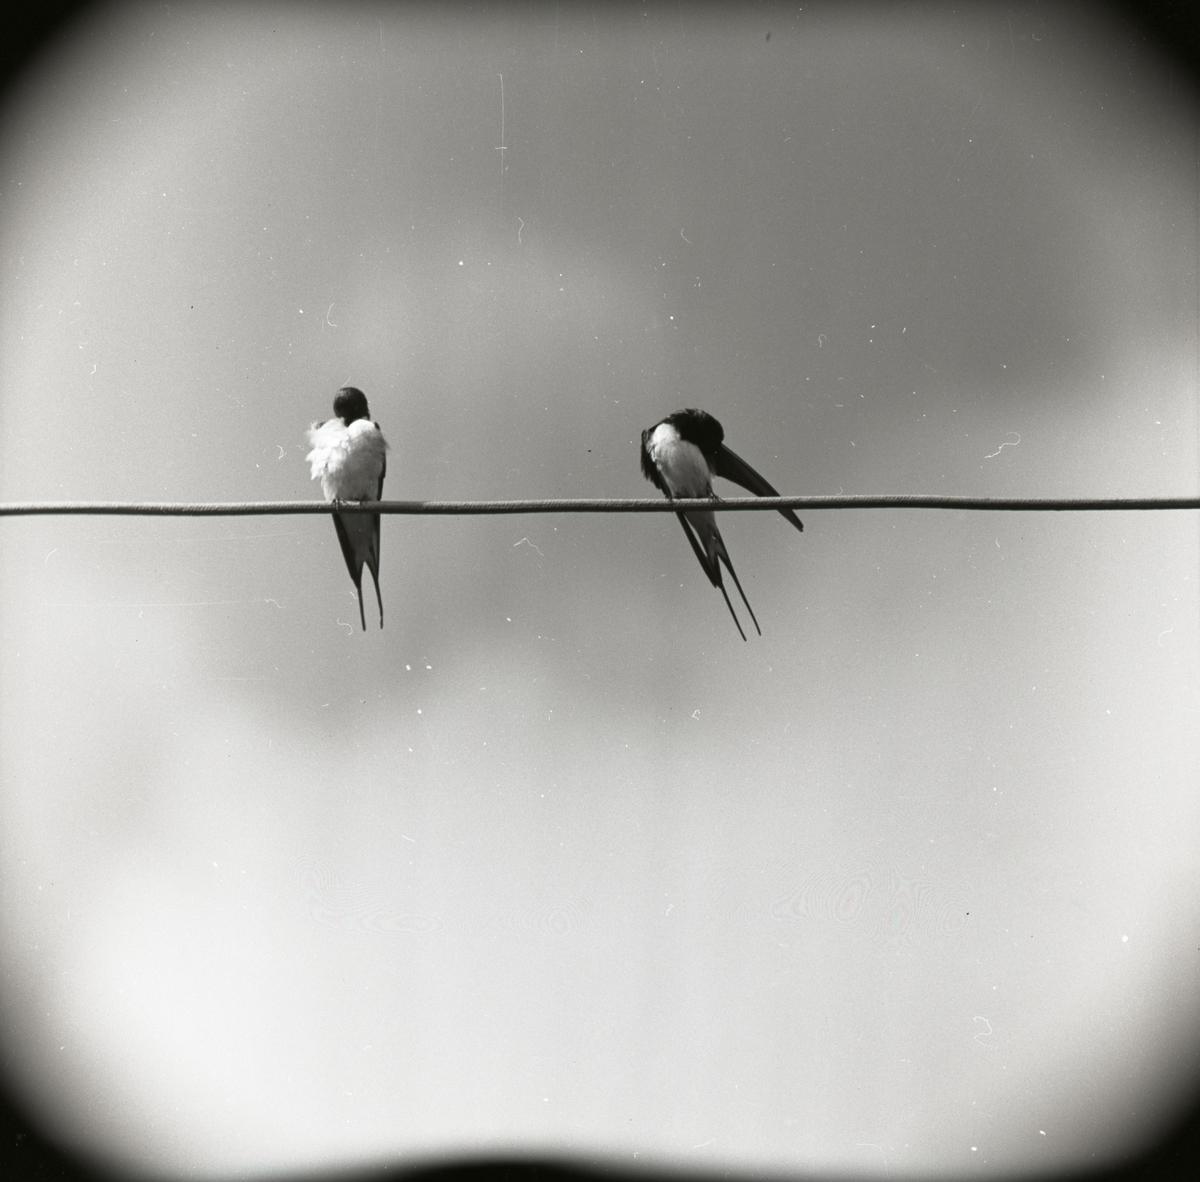 Två ladusvalor sitter på en elledning och uppvaktar varandra inför parning, 1959.